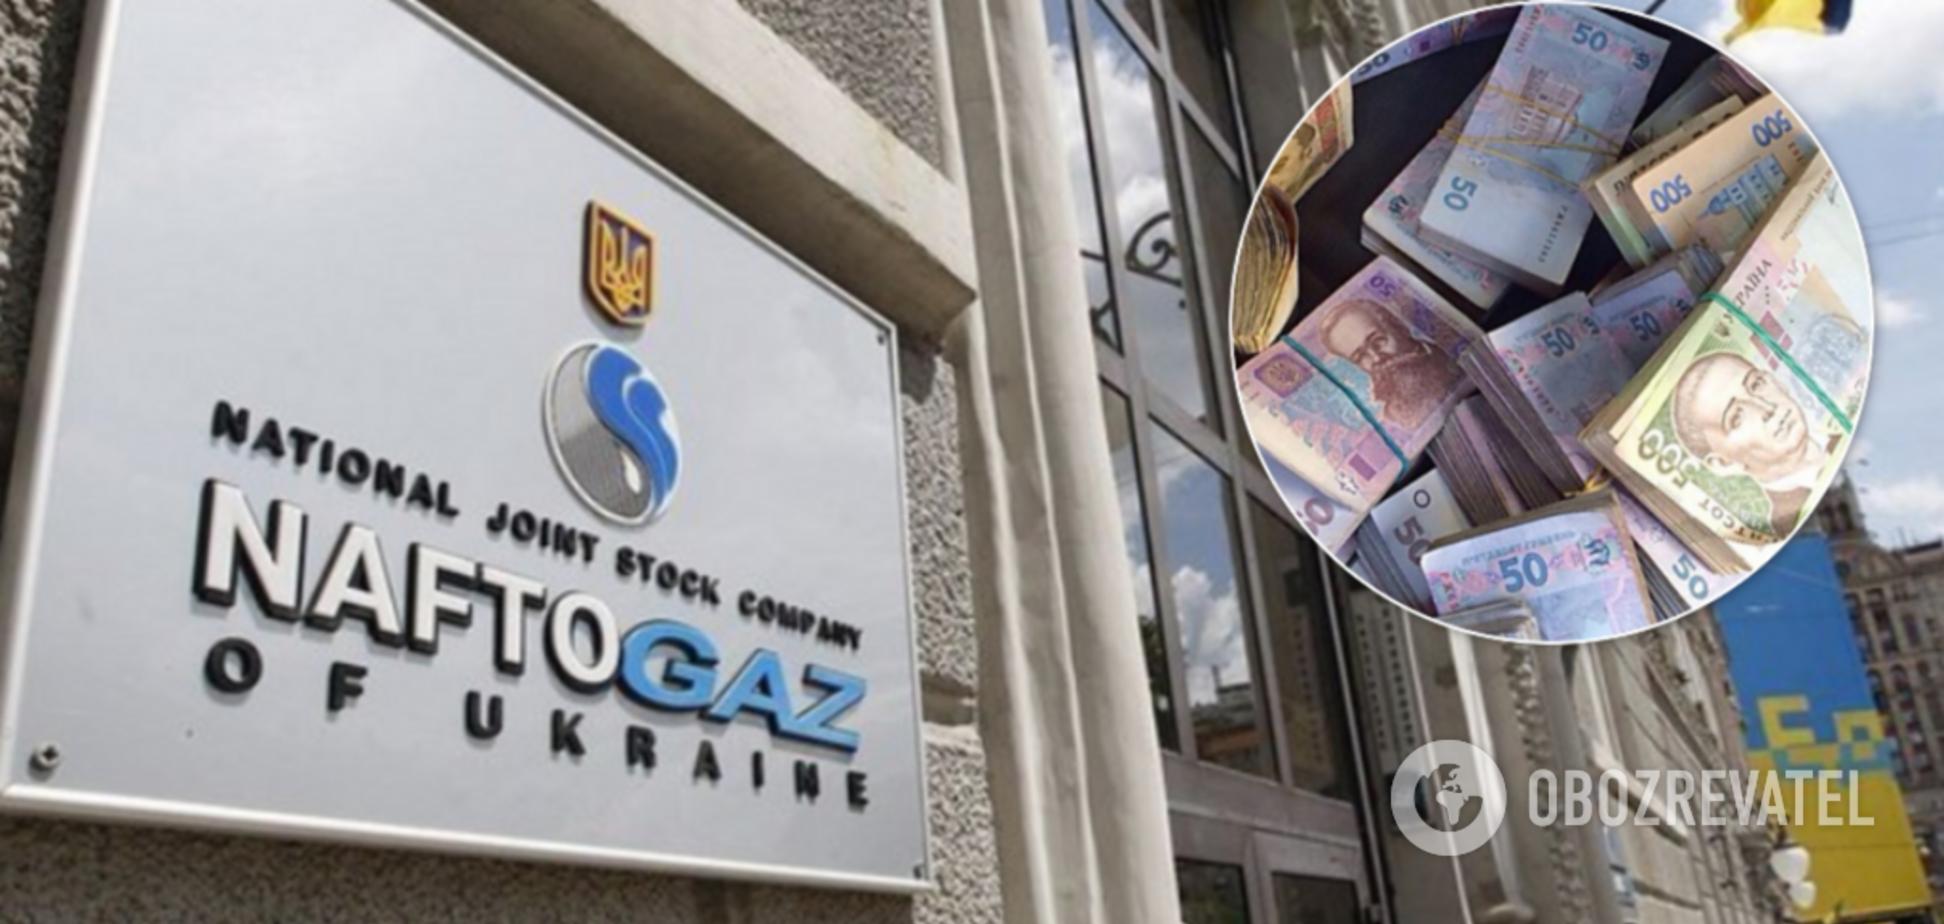 'Нафтогаз' пішов на мирову угоду із 'Укрнафтою' щодо газу на 15 млрд грн